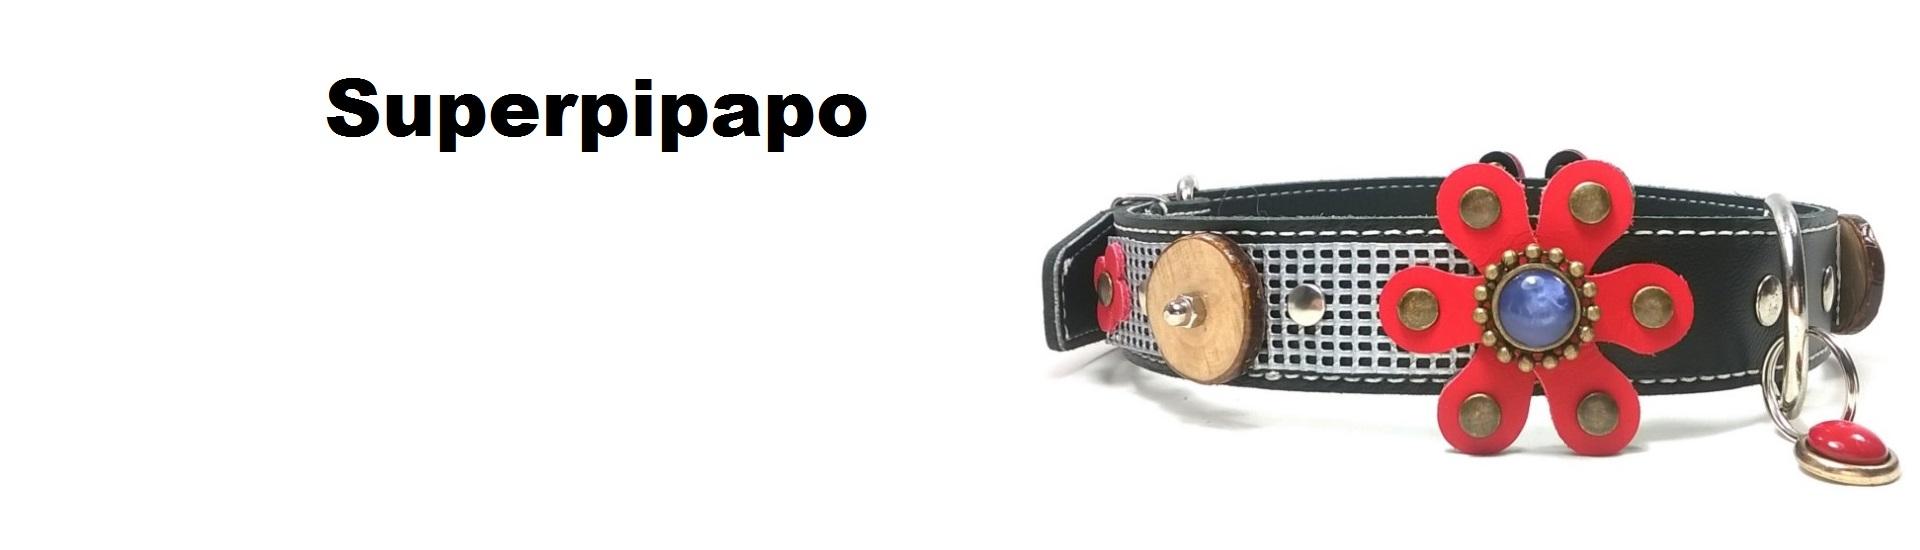 Superpipapo – Originele design tuigjes en halsbanden voor honden en katten – Handgemaakt van Spaans leer – Bijpassende riemen en armbanden – Ga naar de webwinkel!